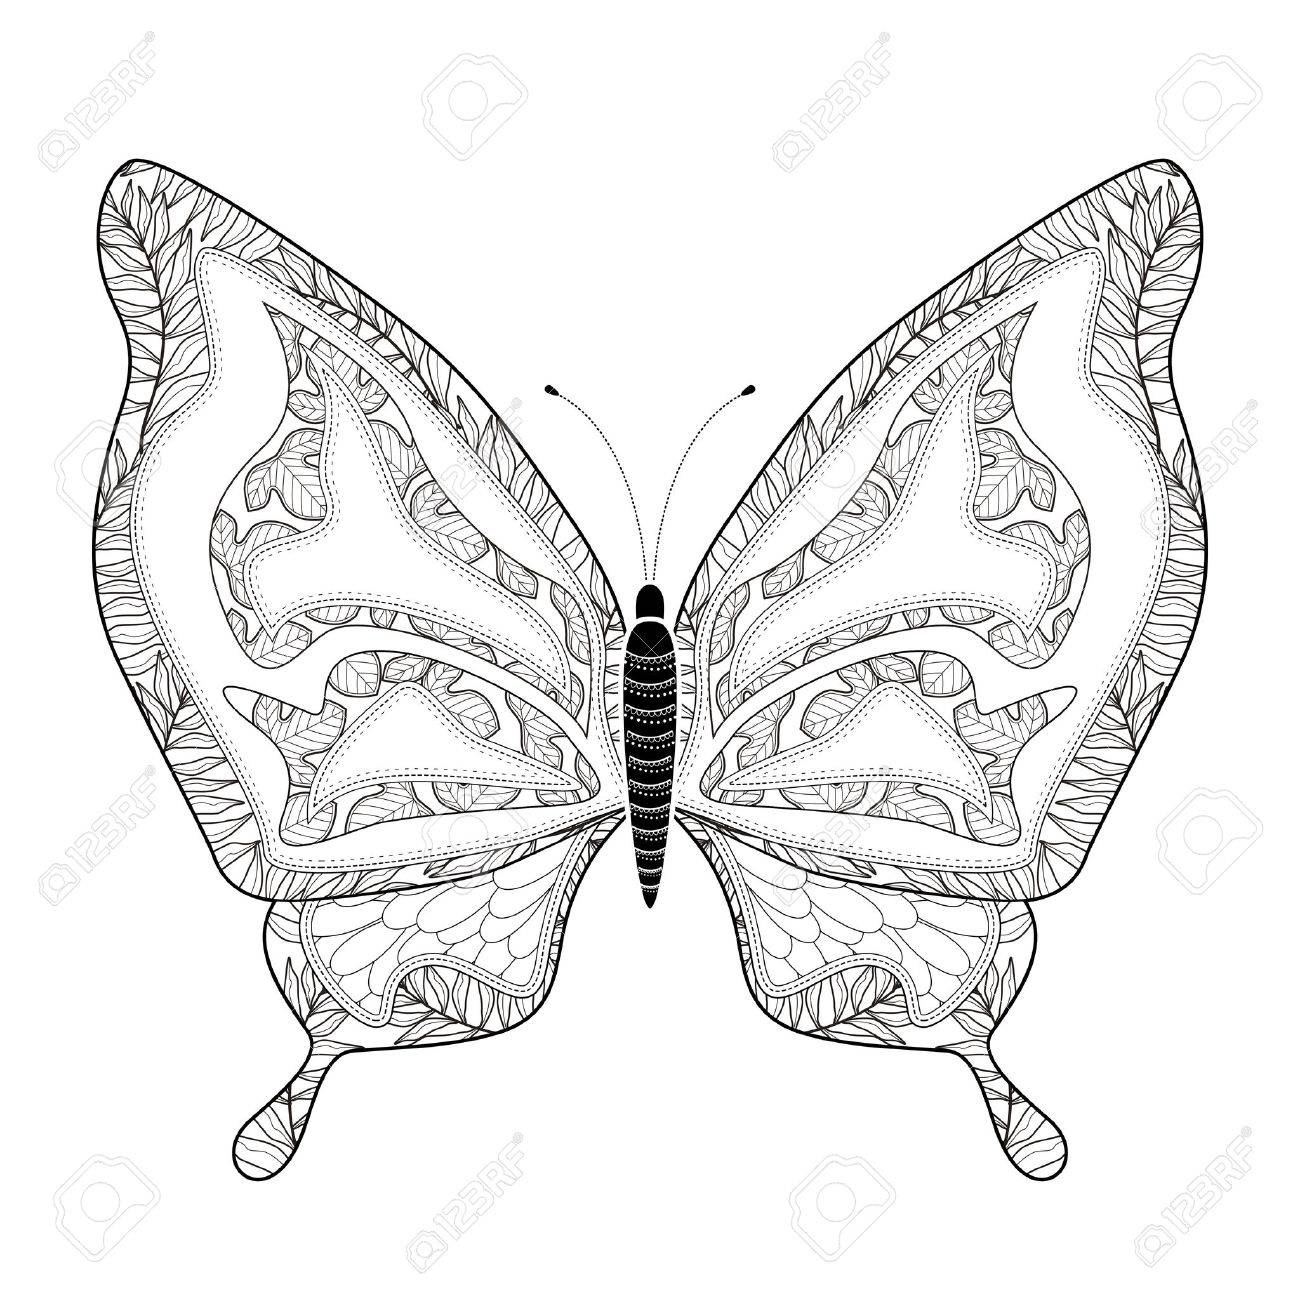 Fantastisch Schmetterling Farbung Seite Bilder - Malvorlagen Von ...